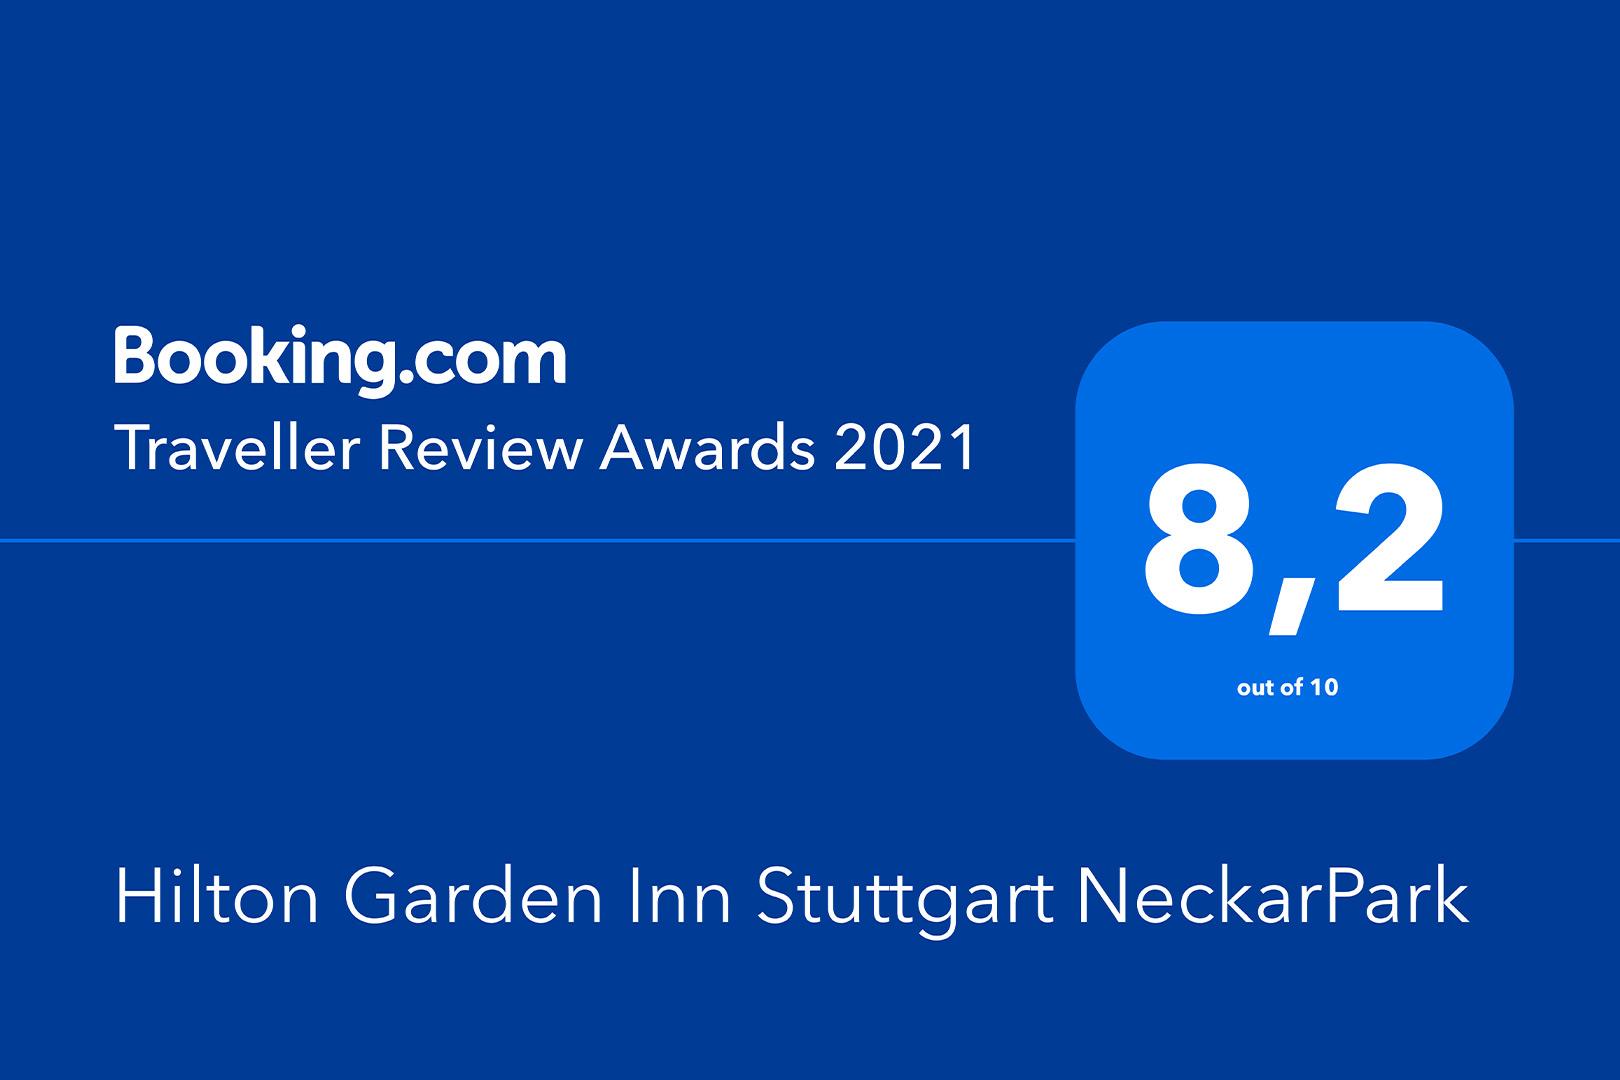 Hilton Garden Inn Stuttgart NeckarPark - Traveller Review Award 2021